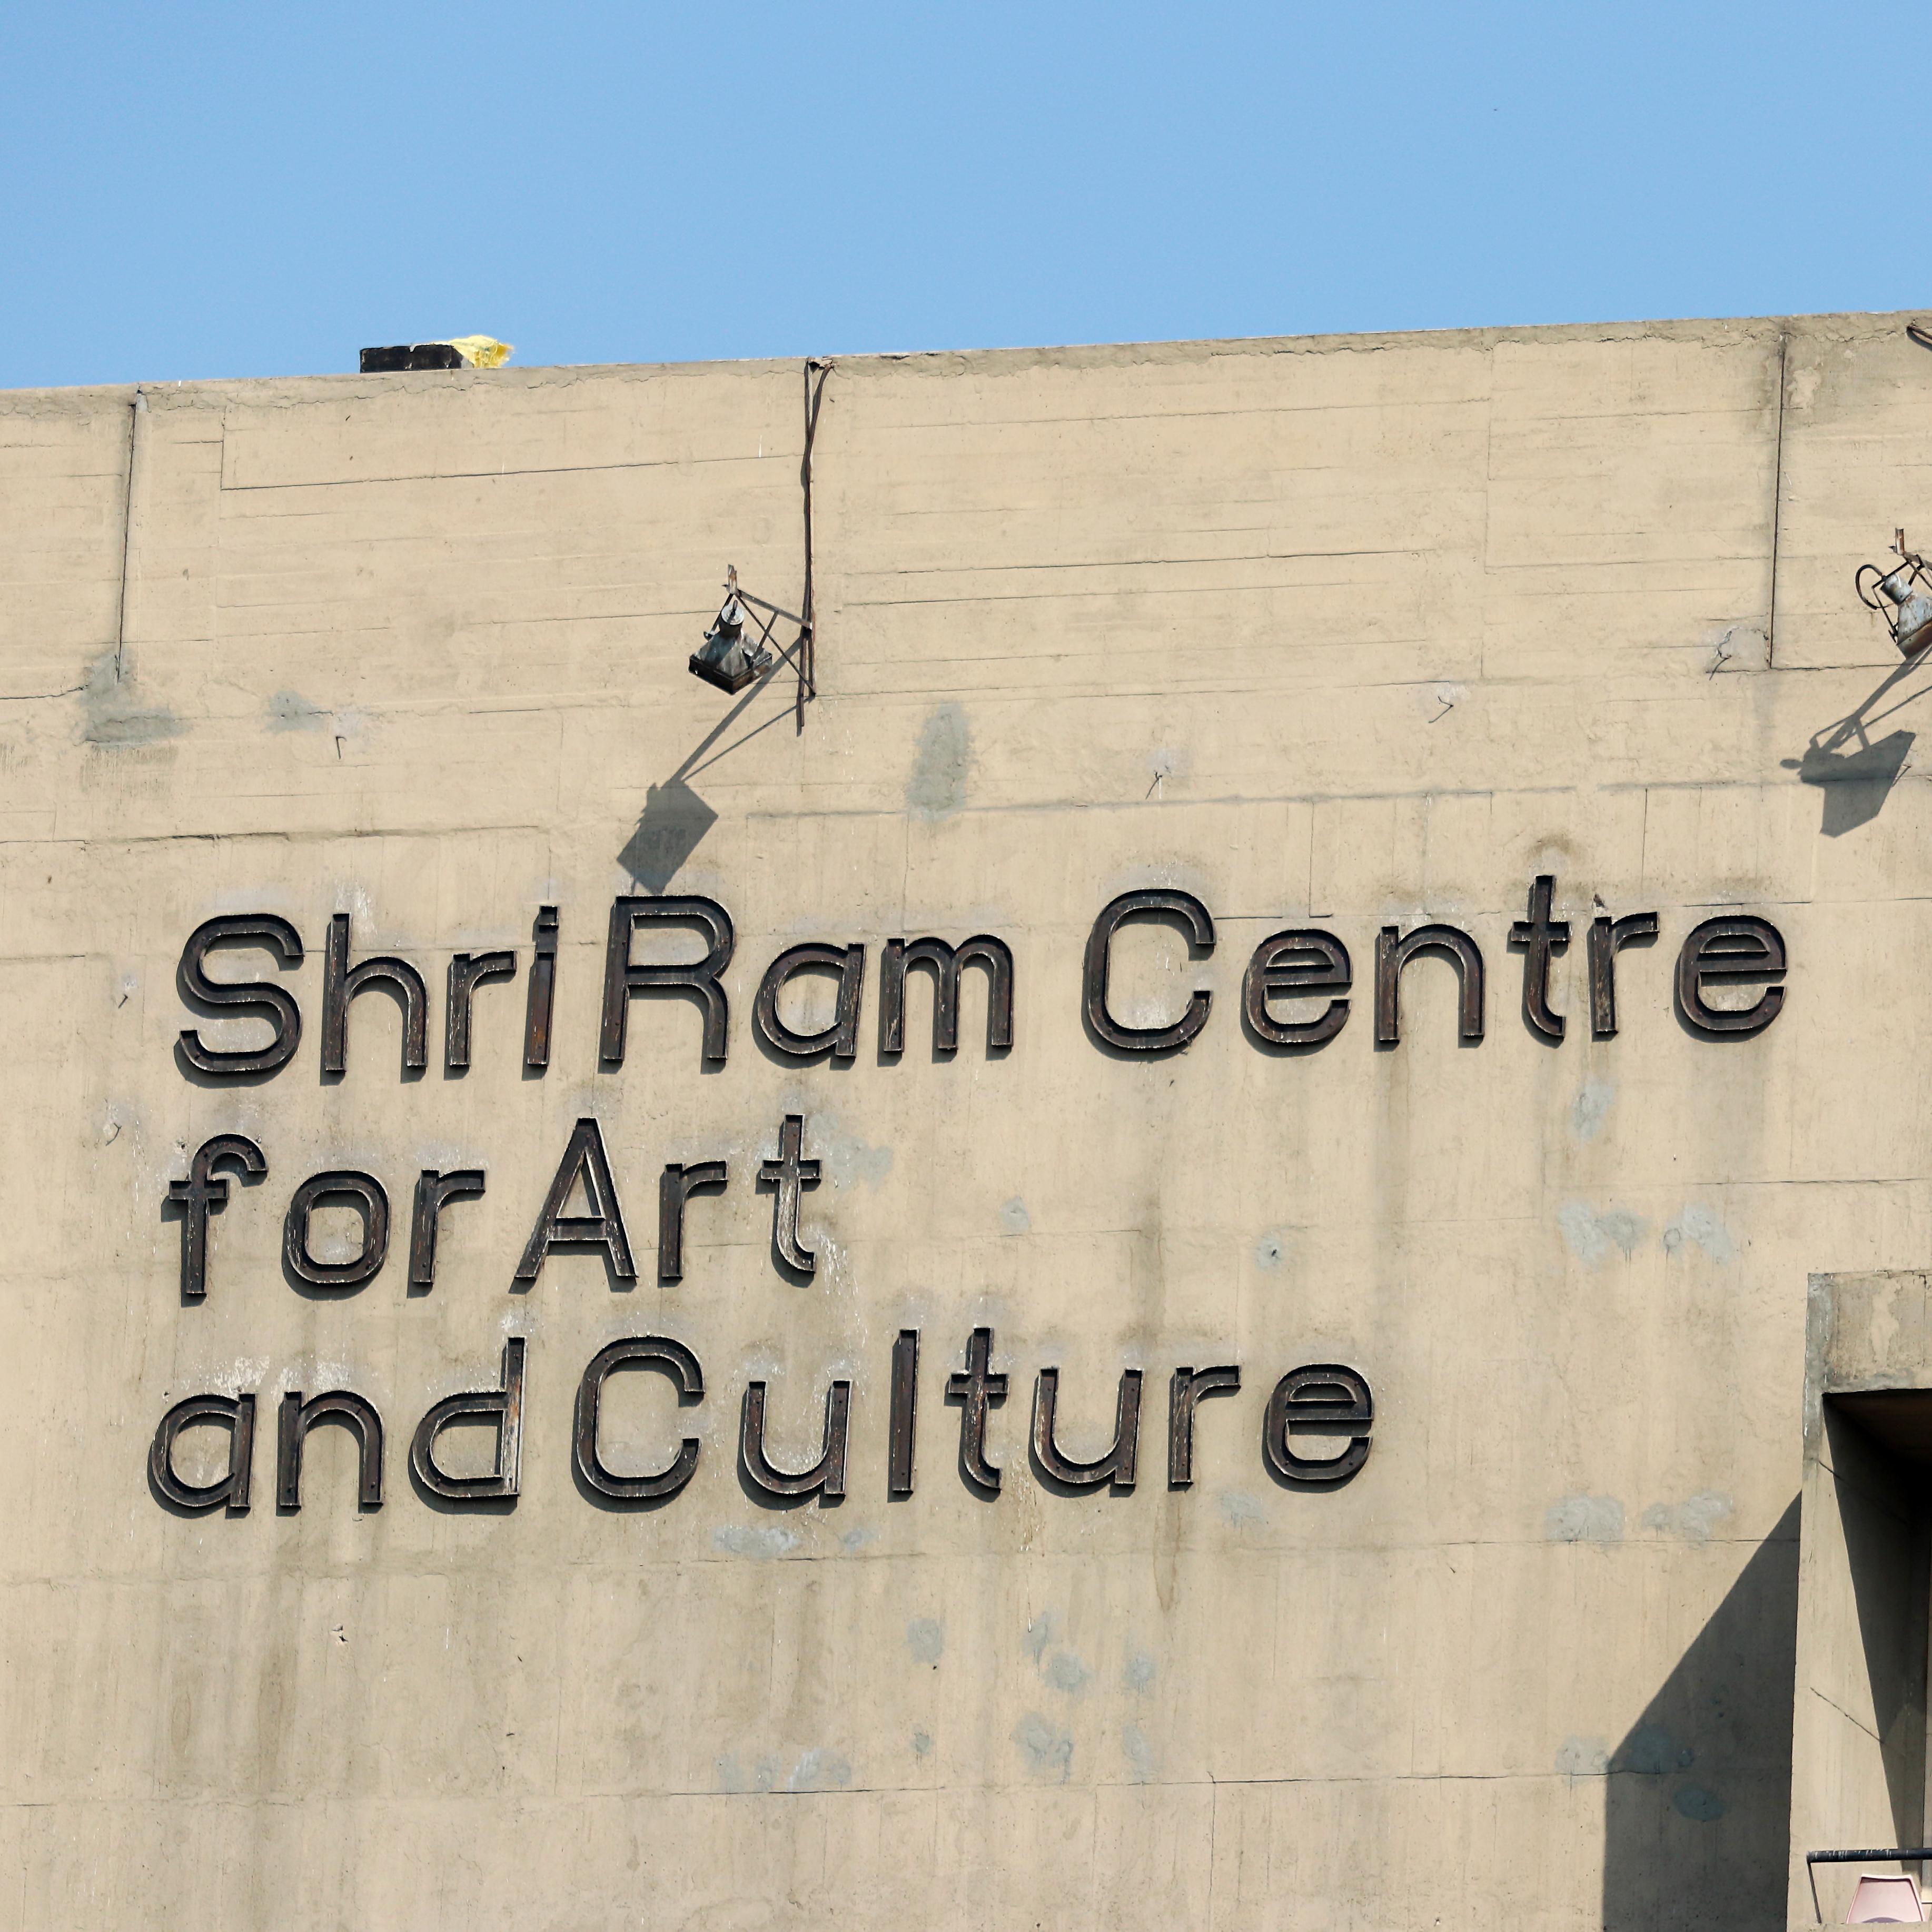 Shri Ram Centre for Art and Culture